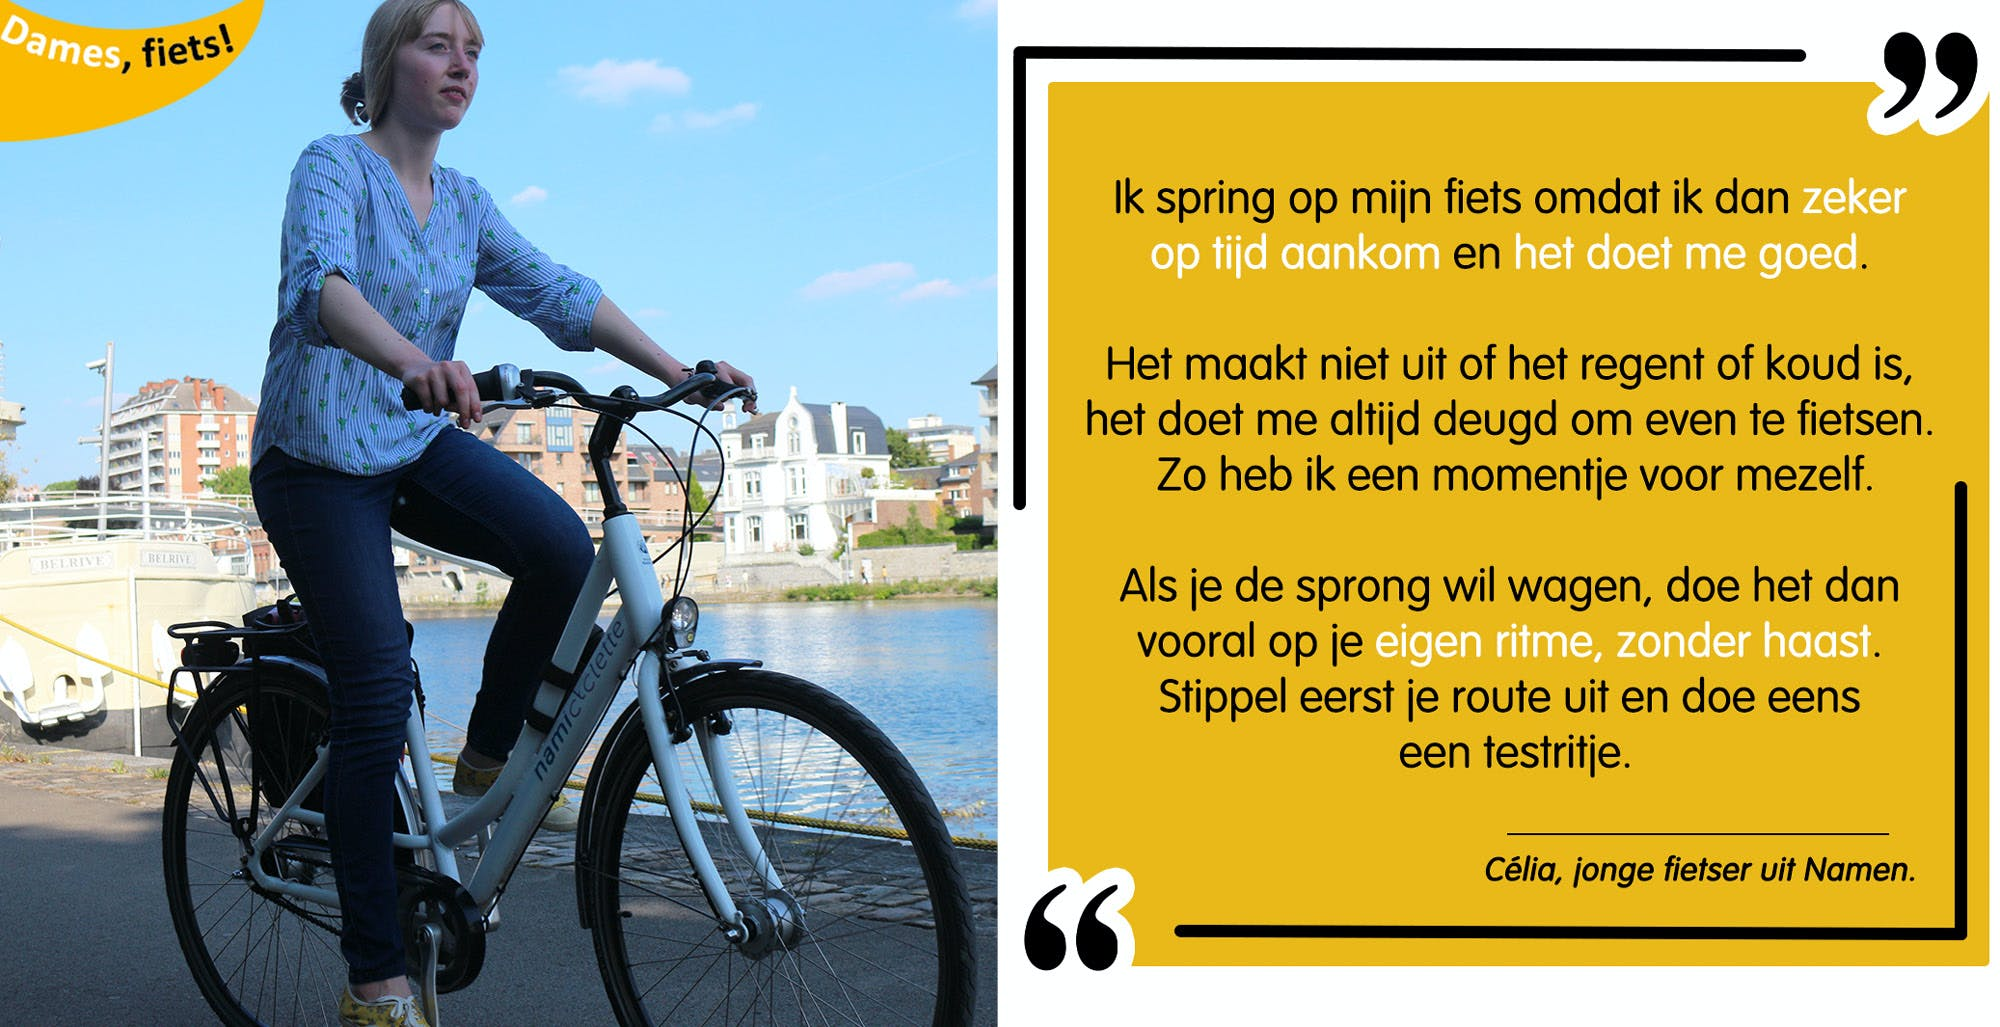 Tips - Op de fiets met Célia